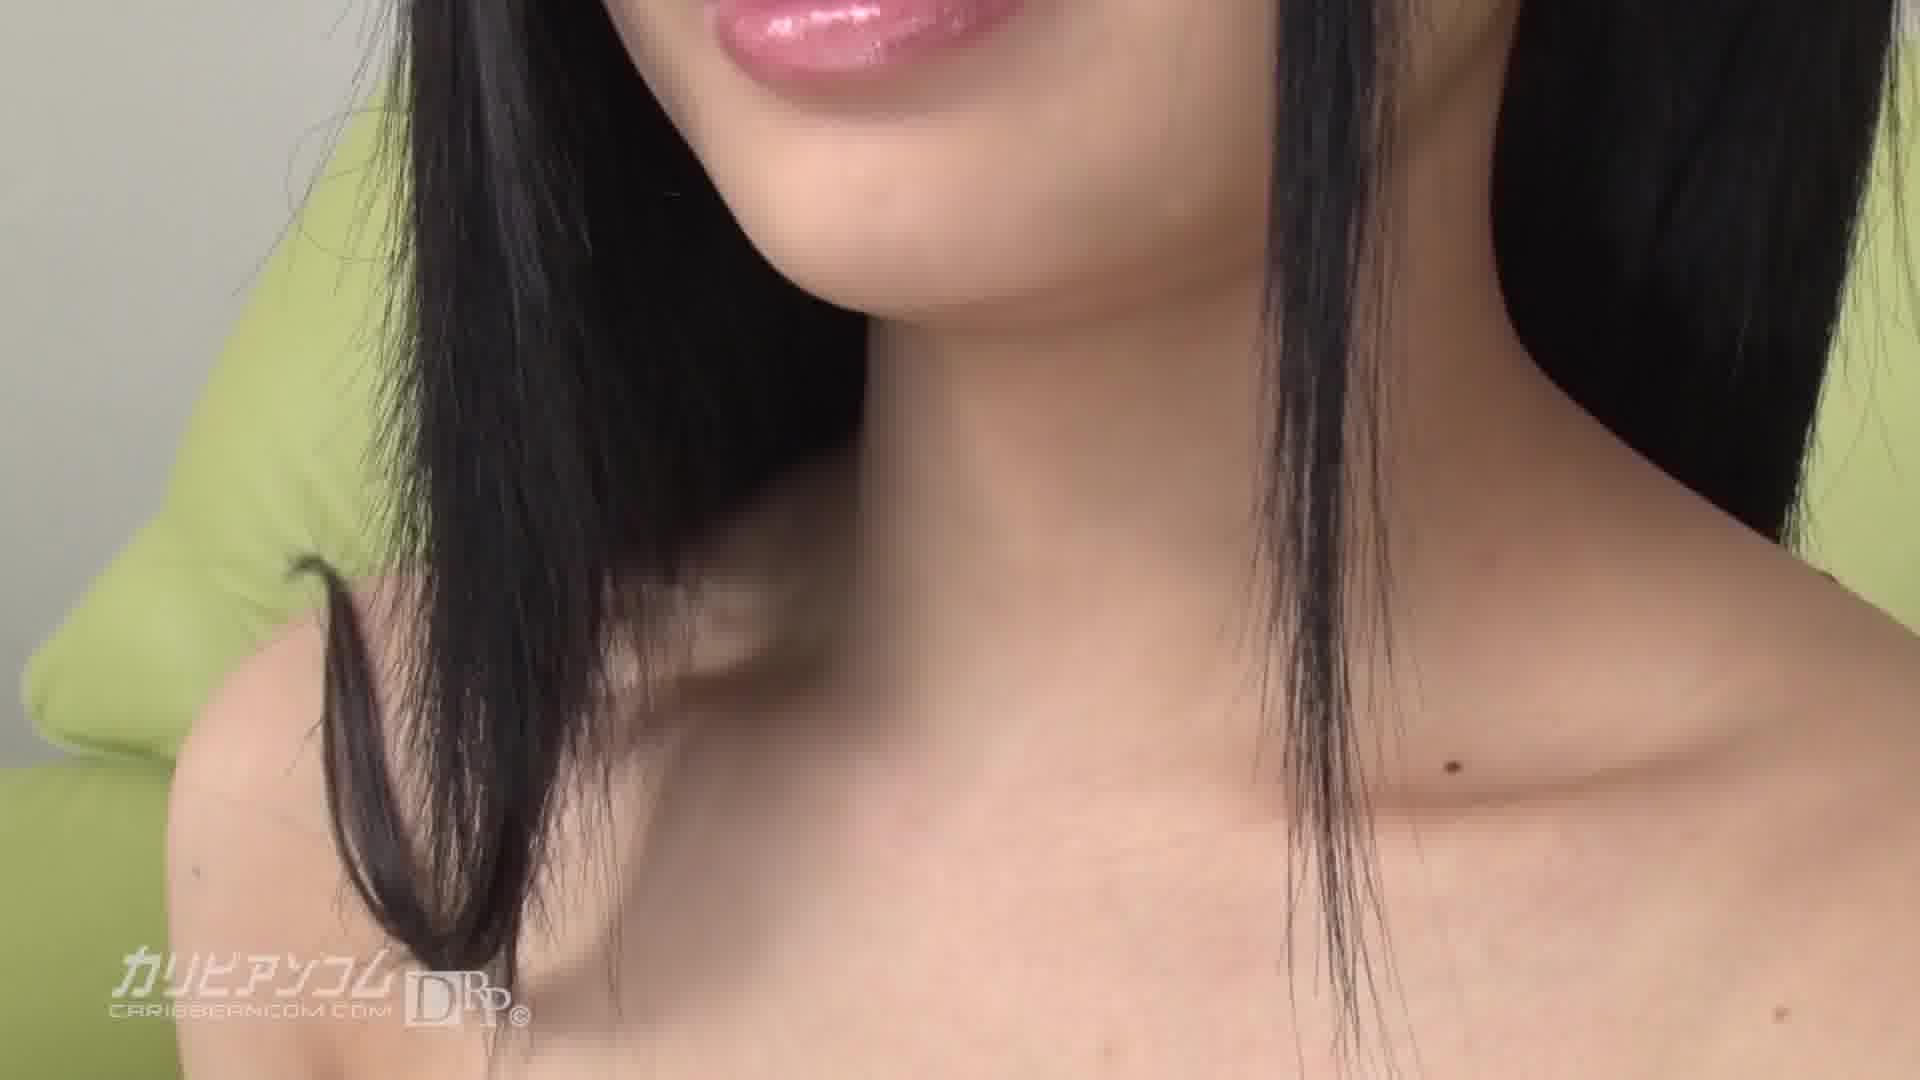 スカイエンジェル 178 パート 1 - 皆月もか【アイドル・そっくりさん・中出し】